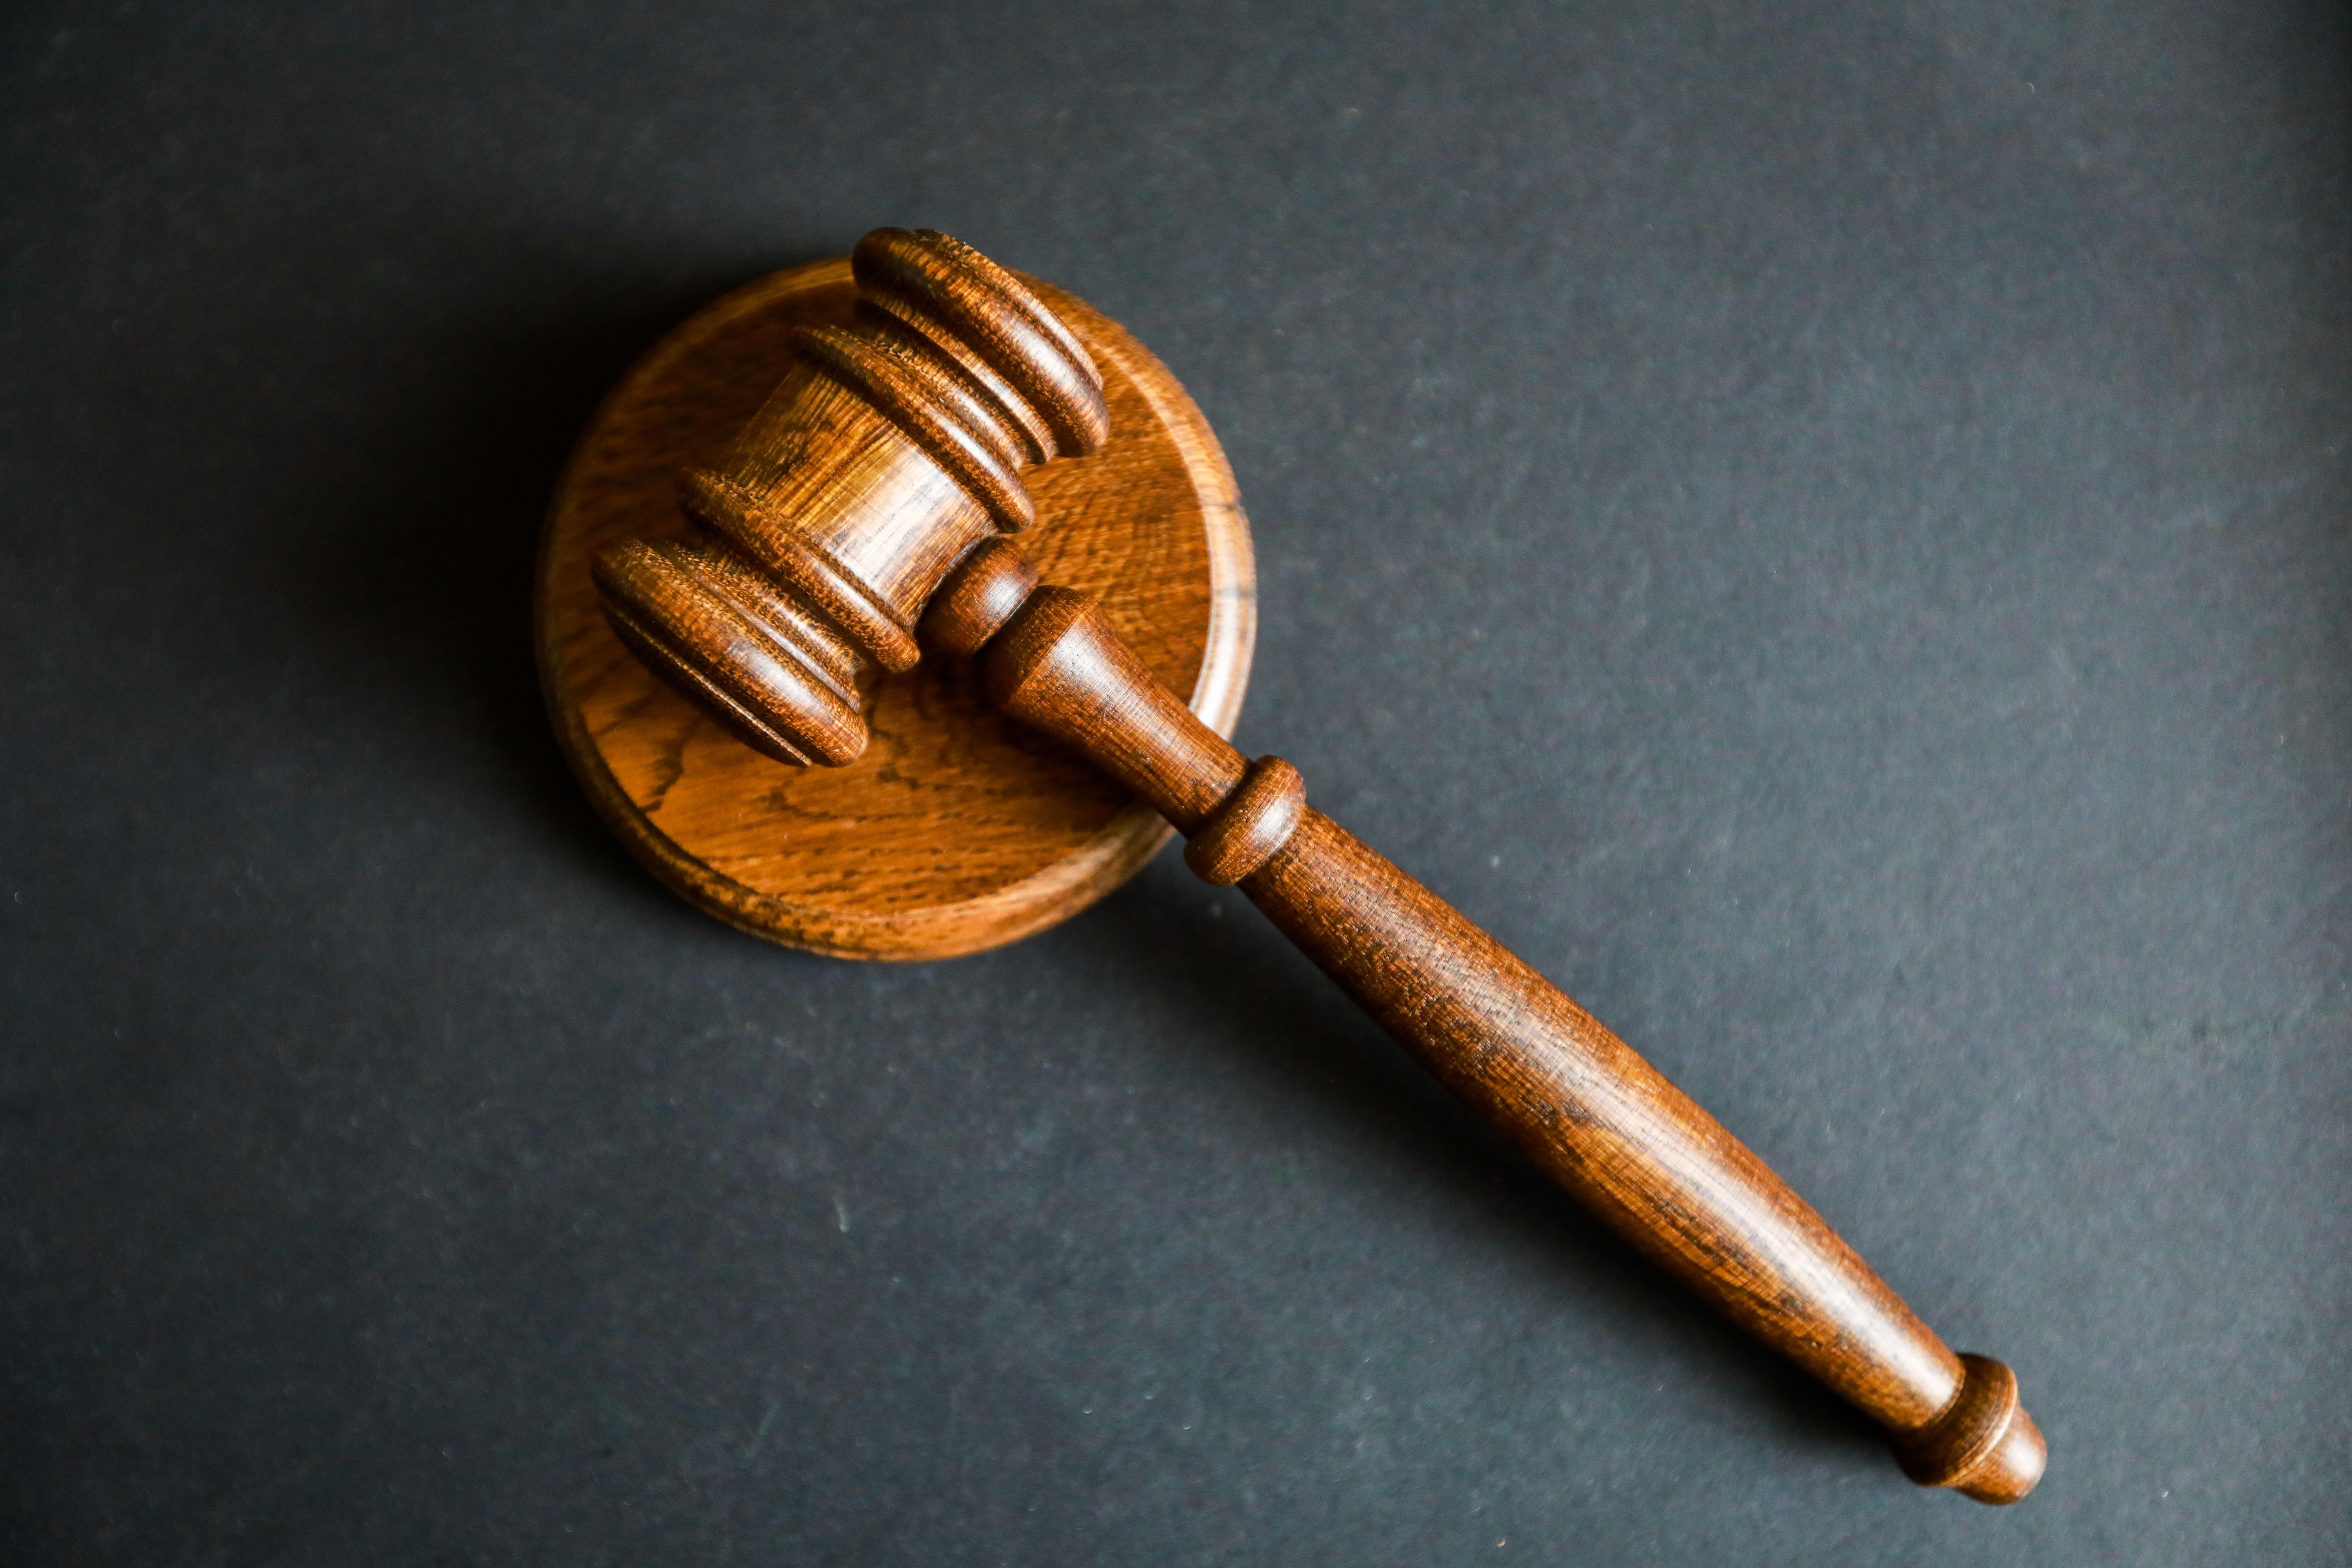 Суд приговорил россиянина Васильева к восьми годам колонии за госизмену